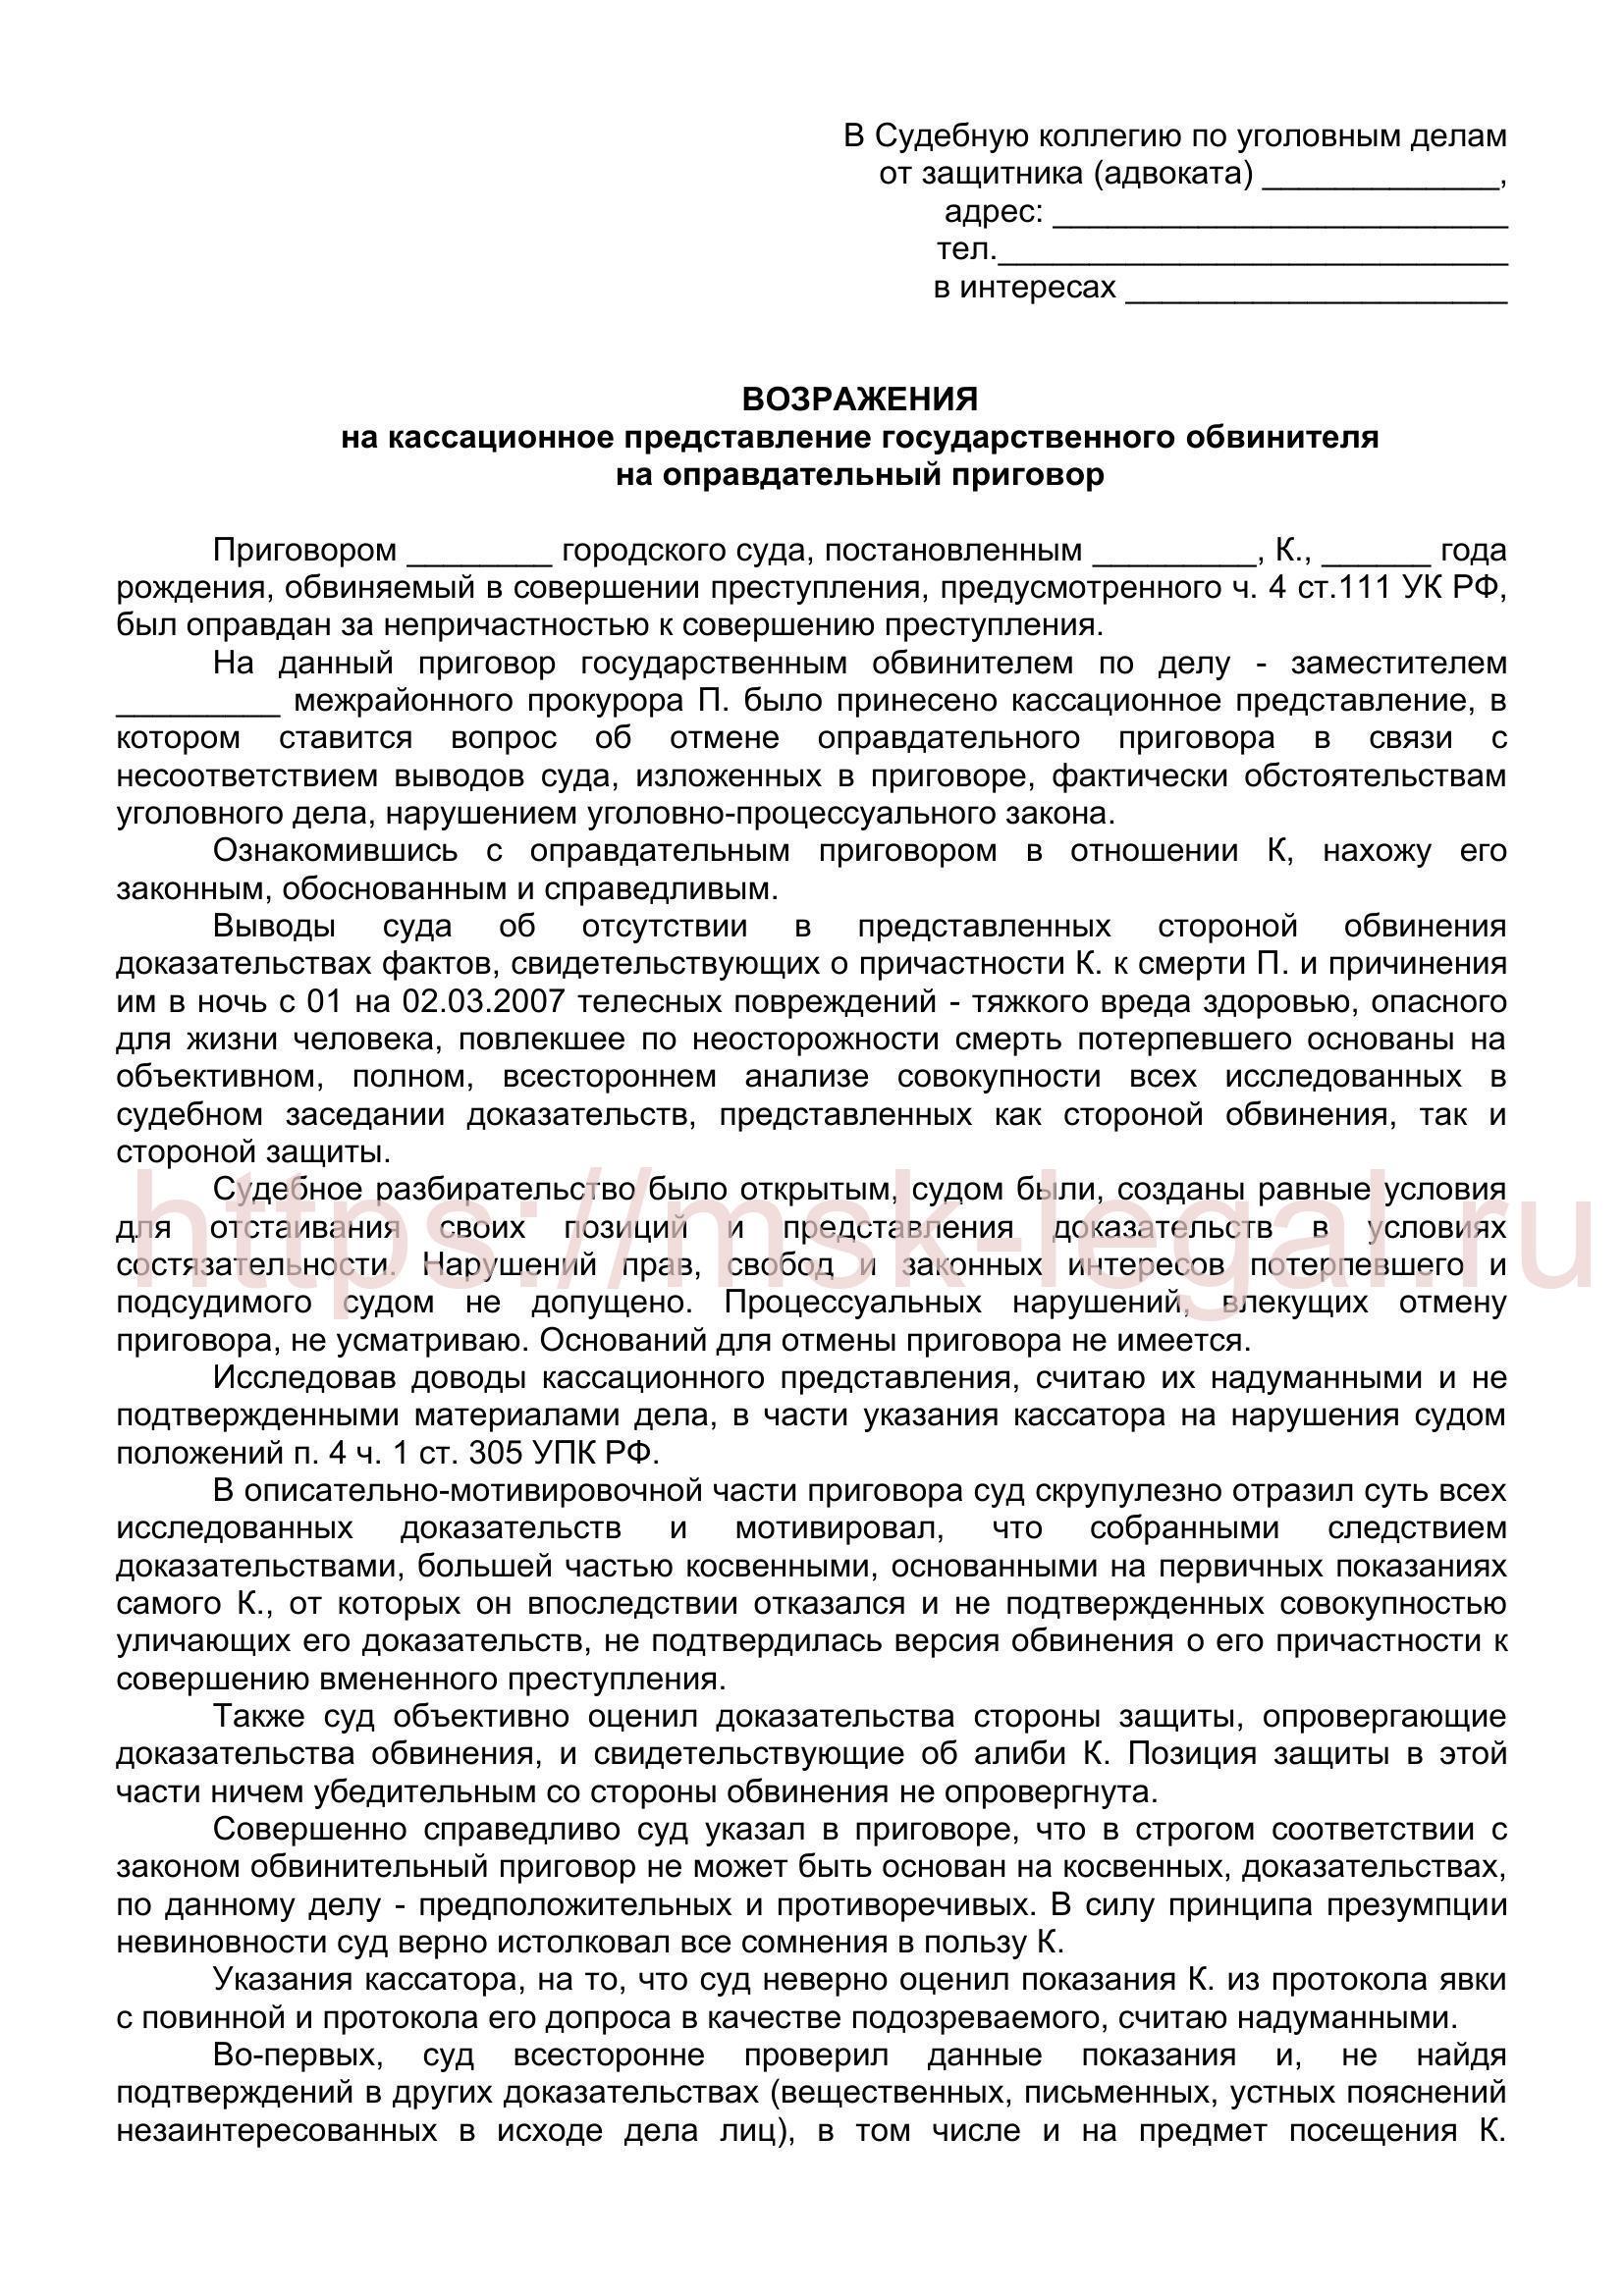 Возражения на кассационное представление гособвинителя на оправдательный приговор по ст. 111 УК РФ